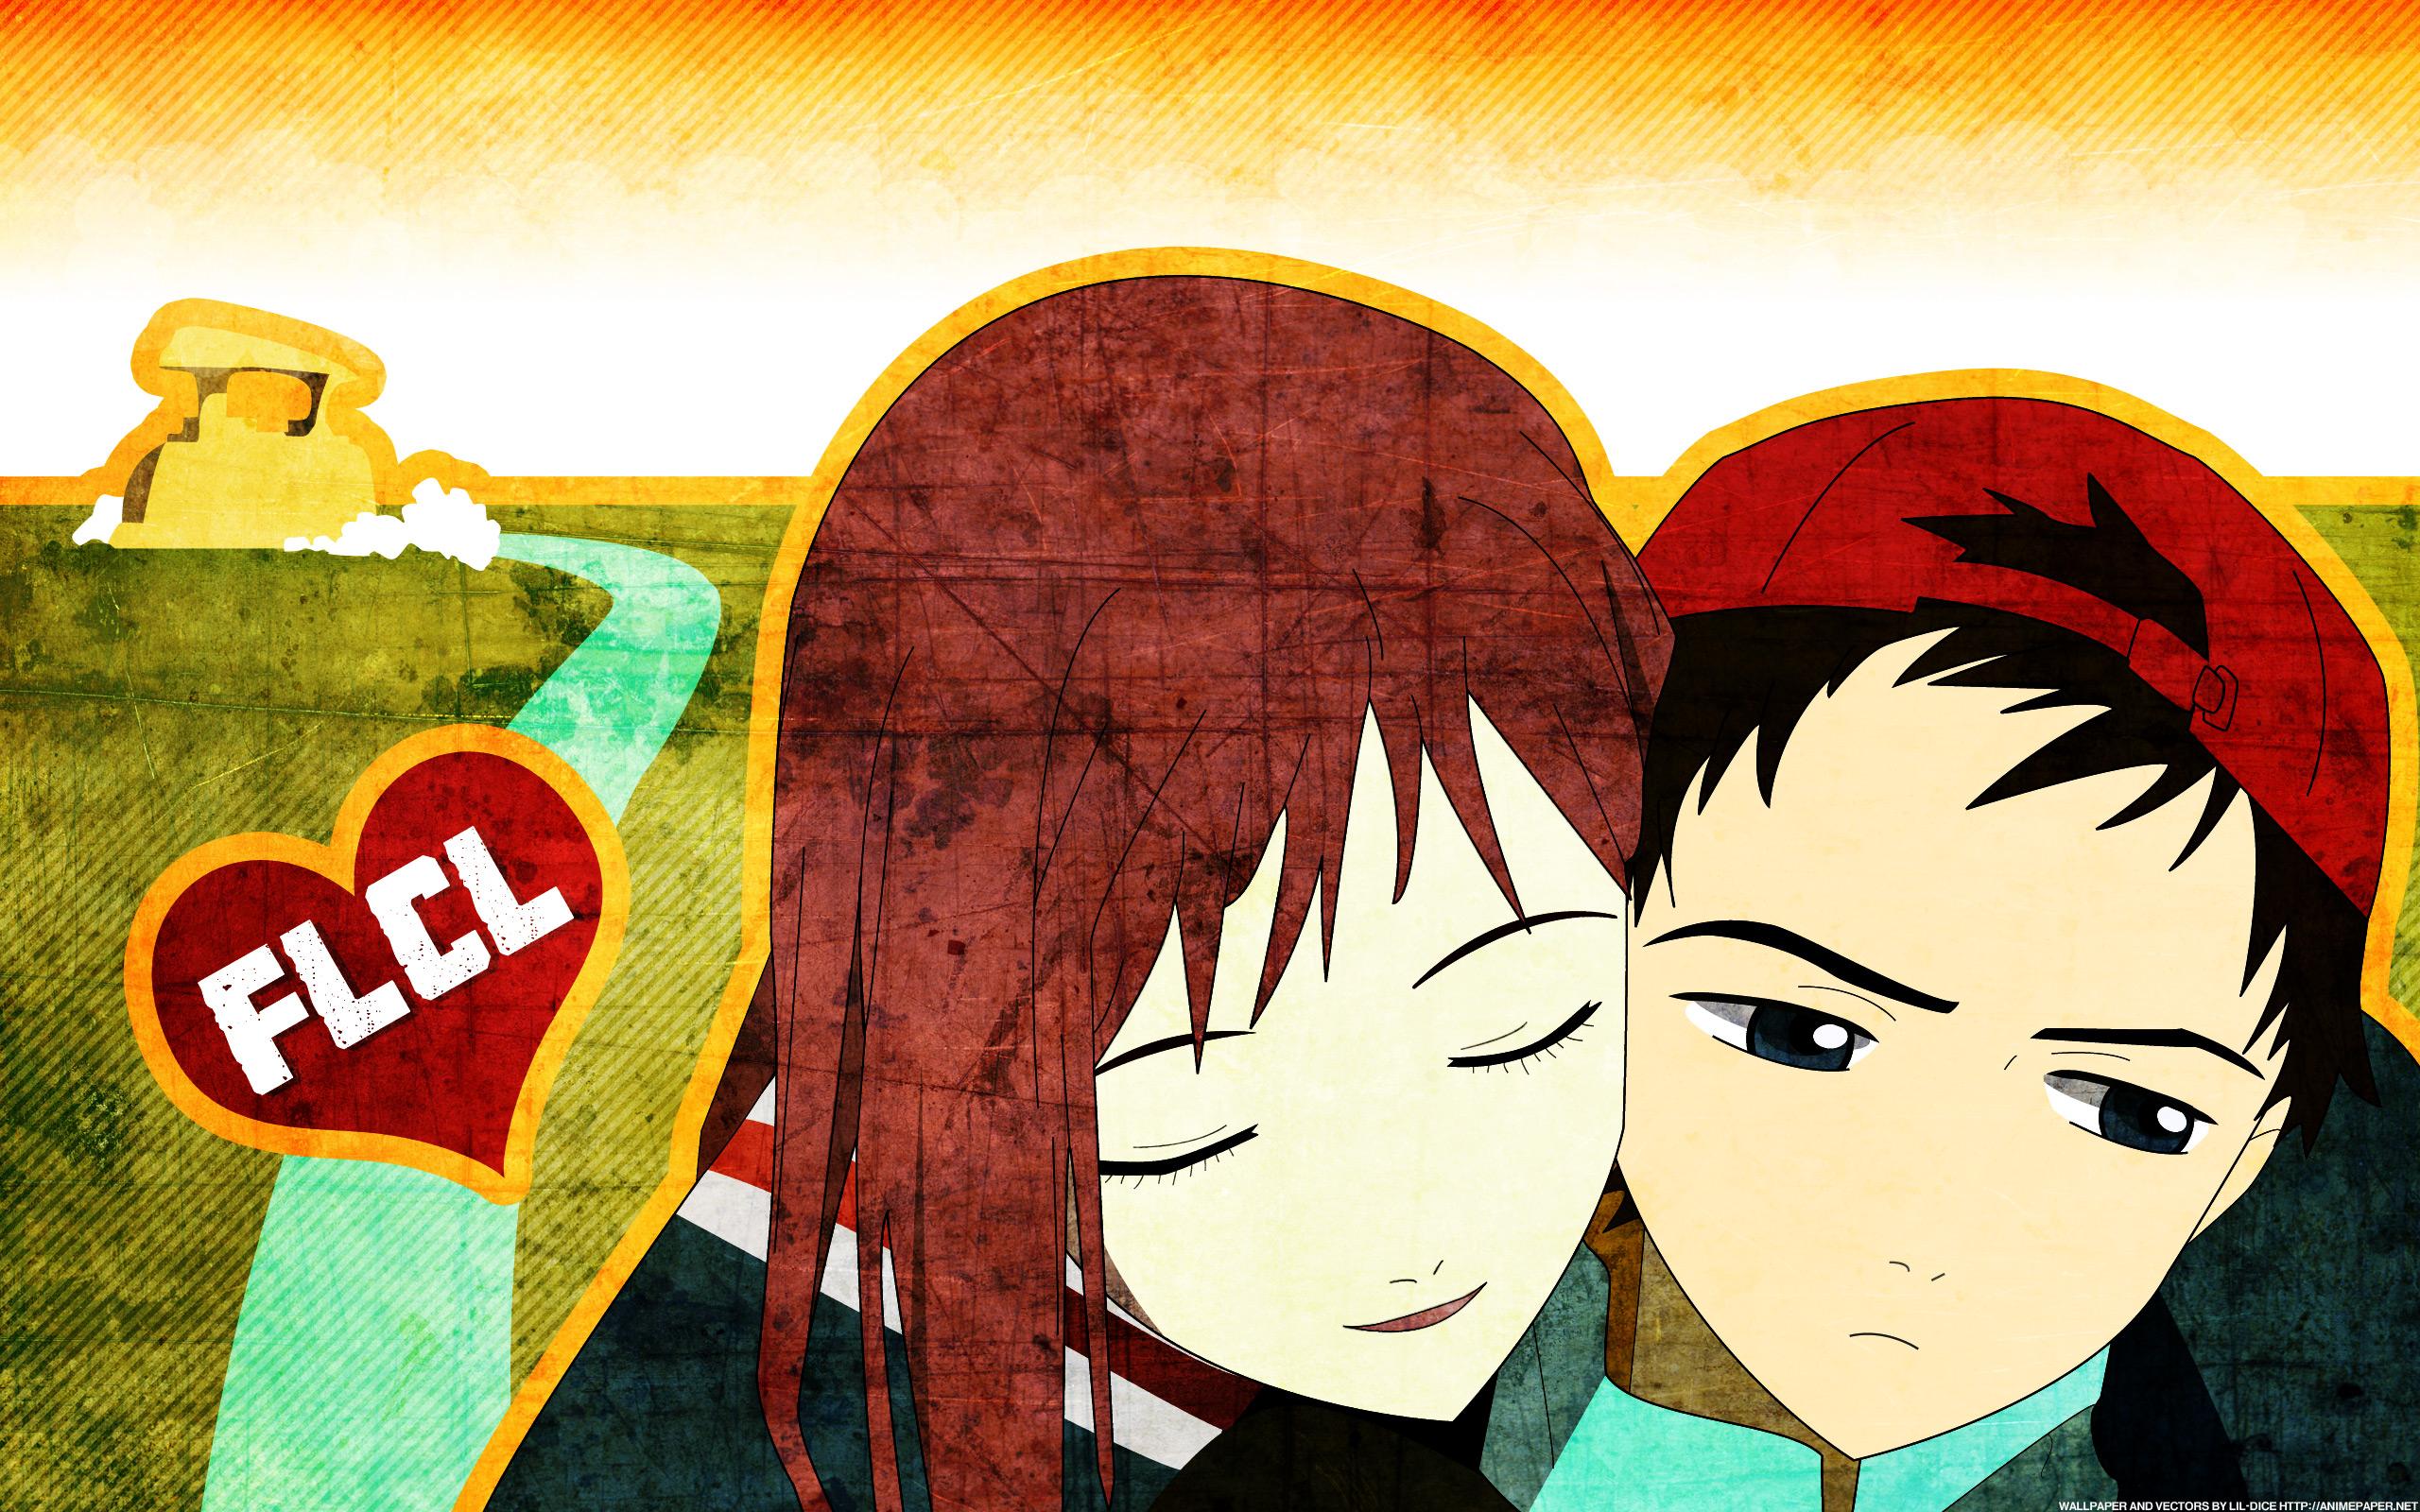 Dibujo de jóvenes enamorados - 2560x1600